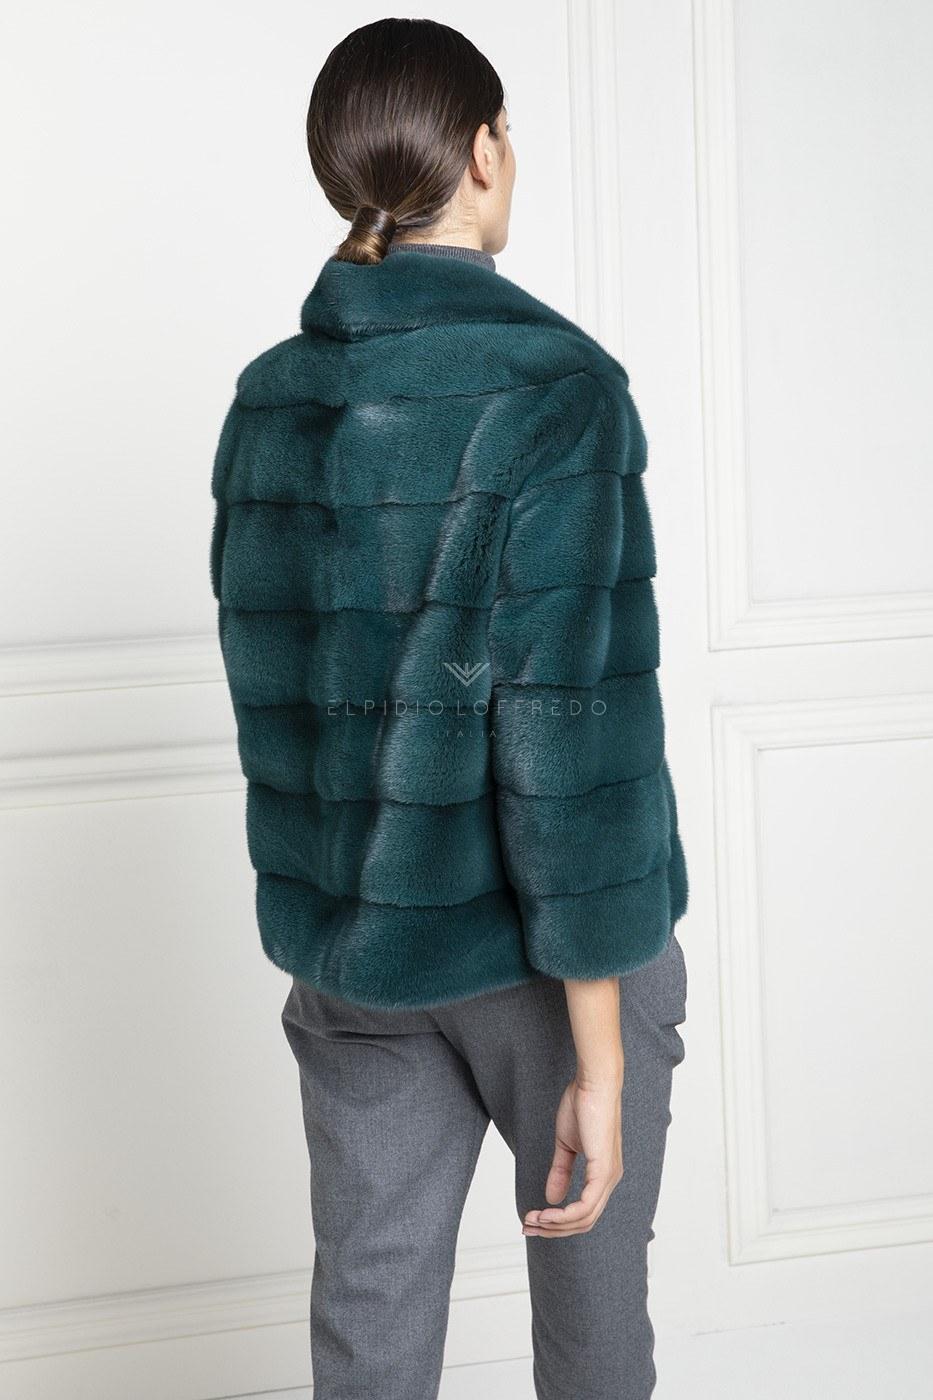 Giacca di Visone Verde con collo rever - Lunghezza 60 cm